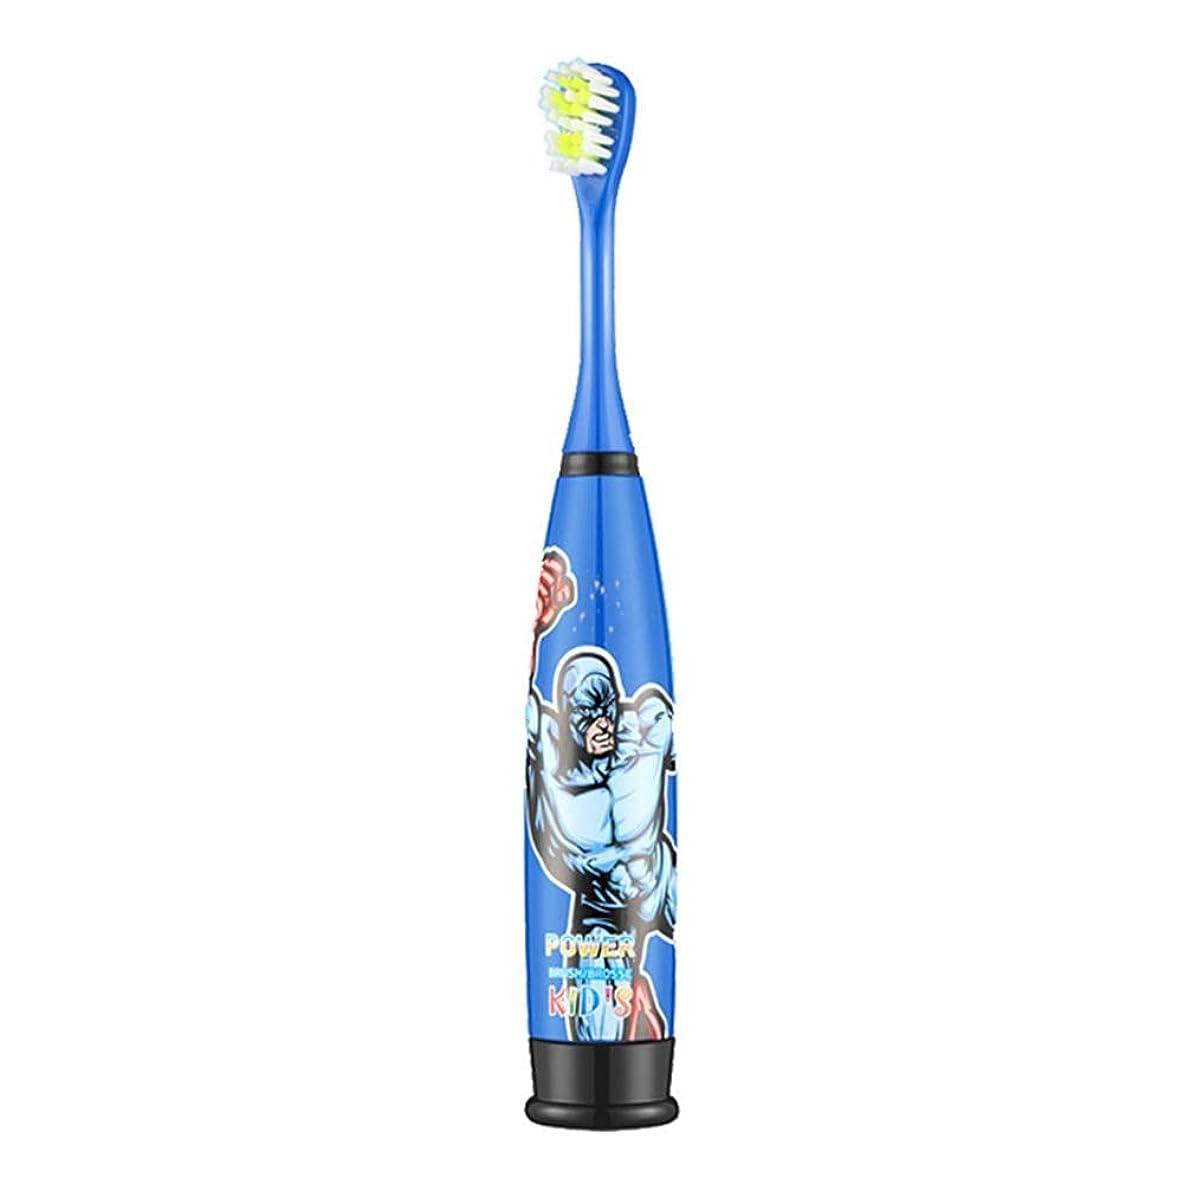 長々と支払う暗殺電動歯ブラシ ブルースーパーマンパターン電動歯ブラシ防水ソフトヘアクリーニング歯ブラシ 子供と大人に適して (色 : 青, サイズ : Free size)